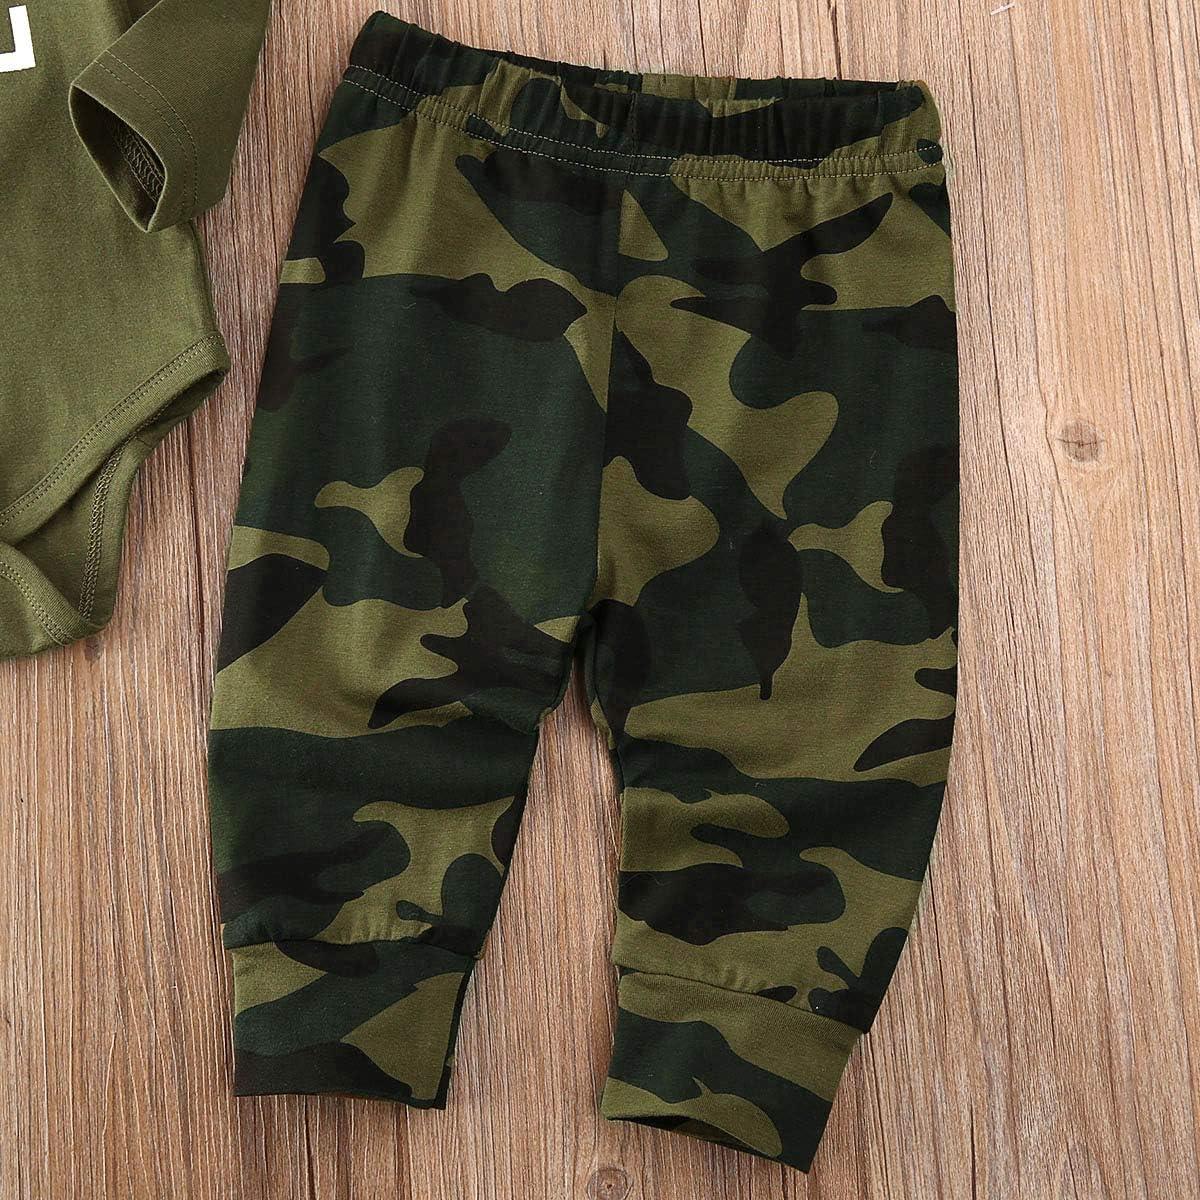 Newborn Baby Boys Mama/'s Boy Romper Tops Camo Pants 3PCS Outfits Clothes Set